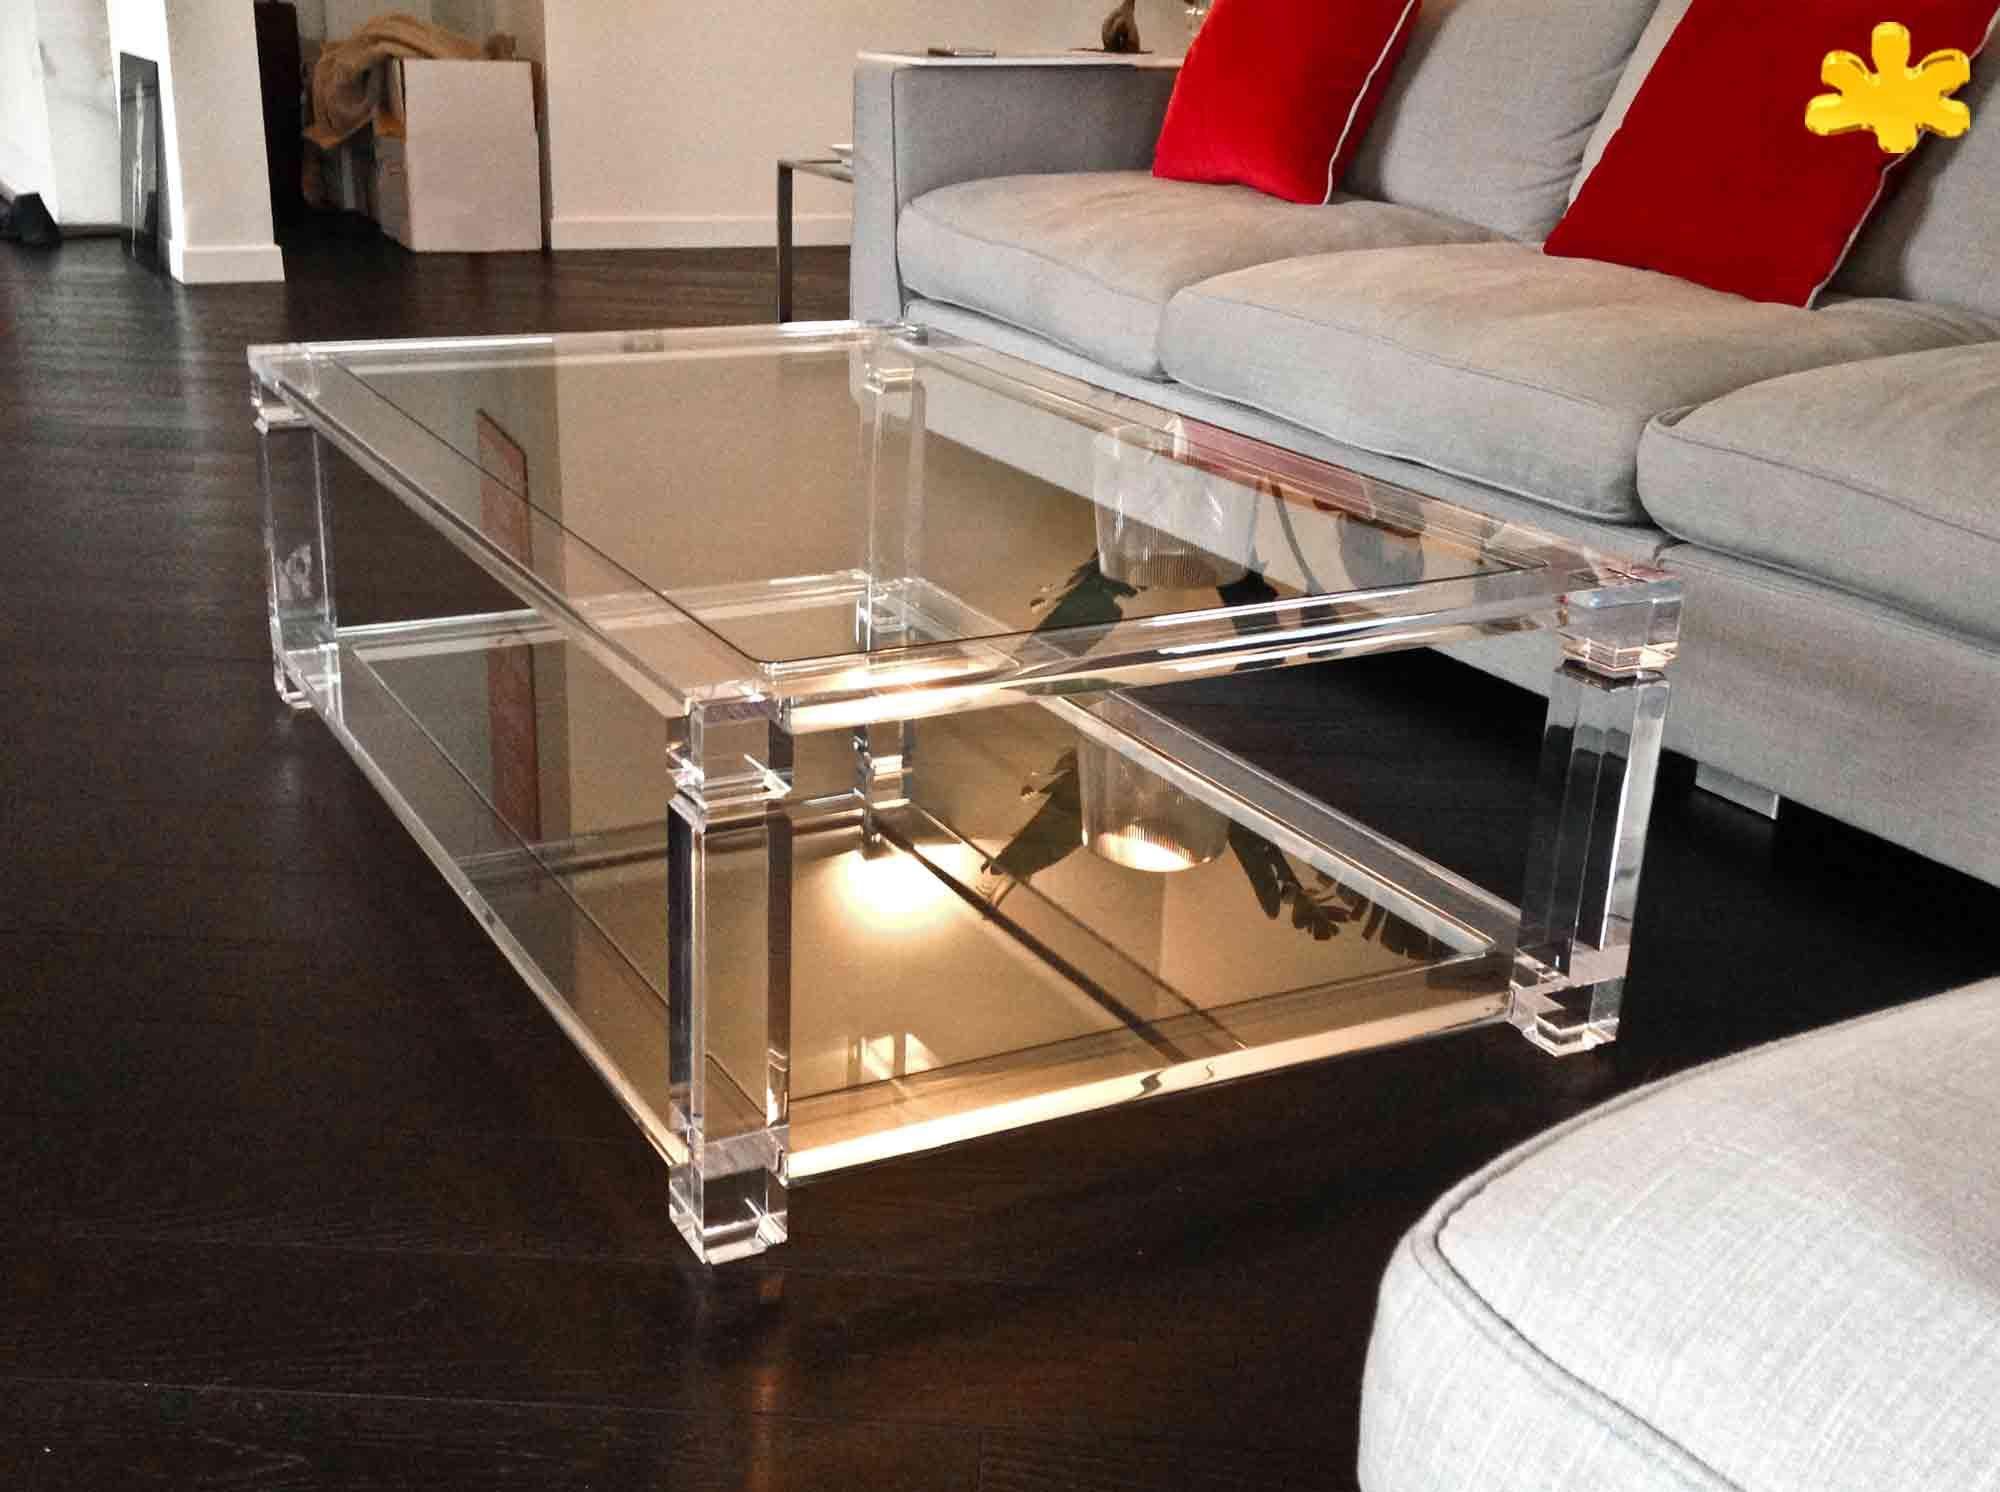 Tavolini Da Salotto Plexiglass.Lucite Acrylic Coffe Table Tavolini Da Salotto In Plexiglass